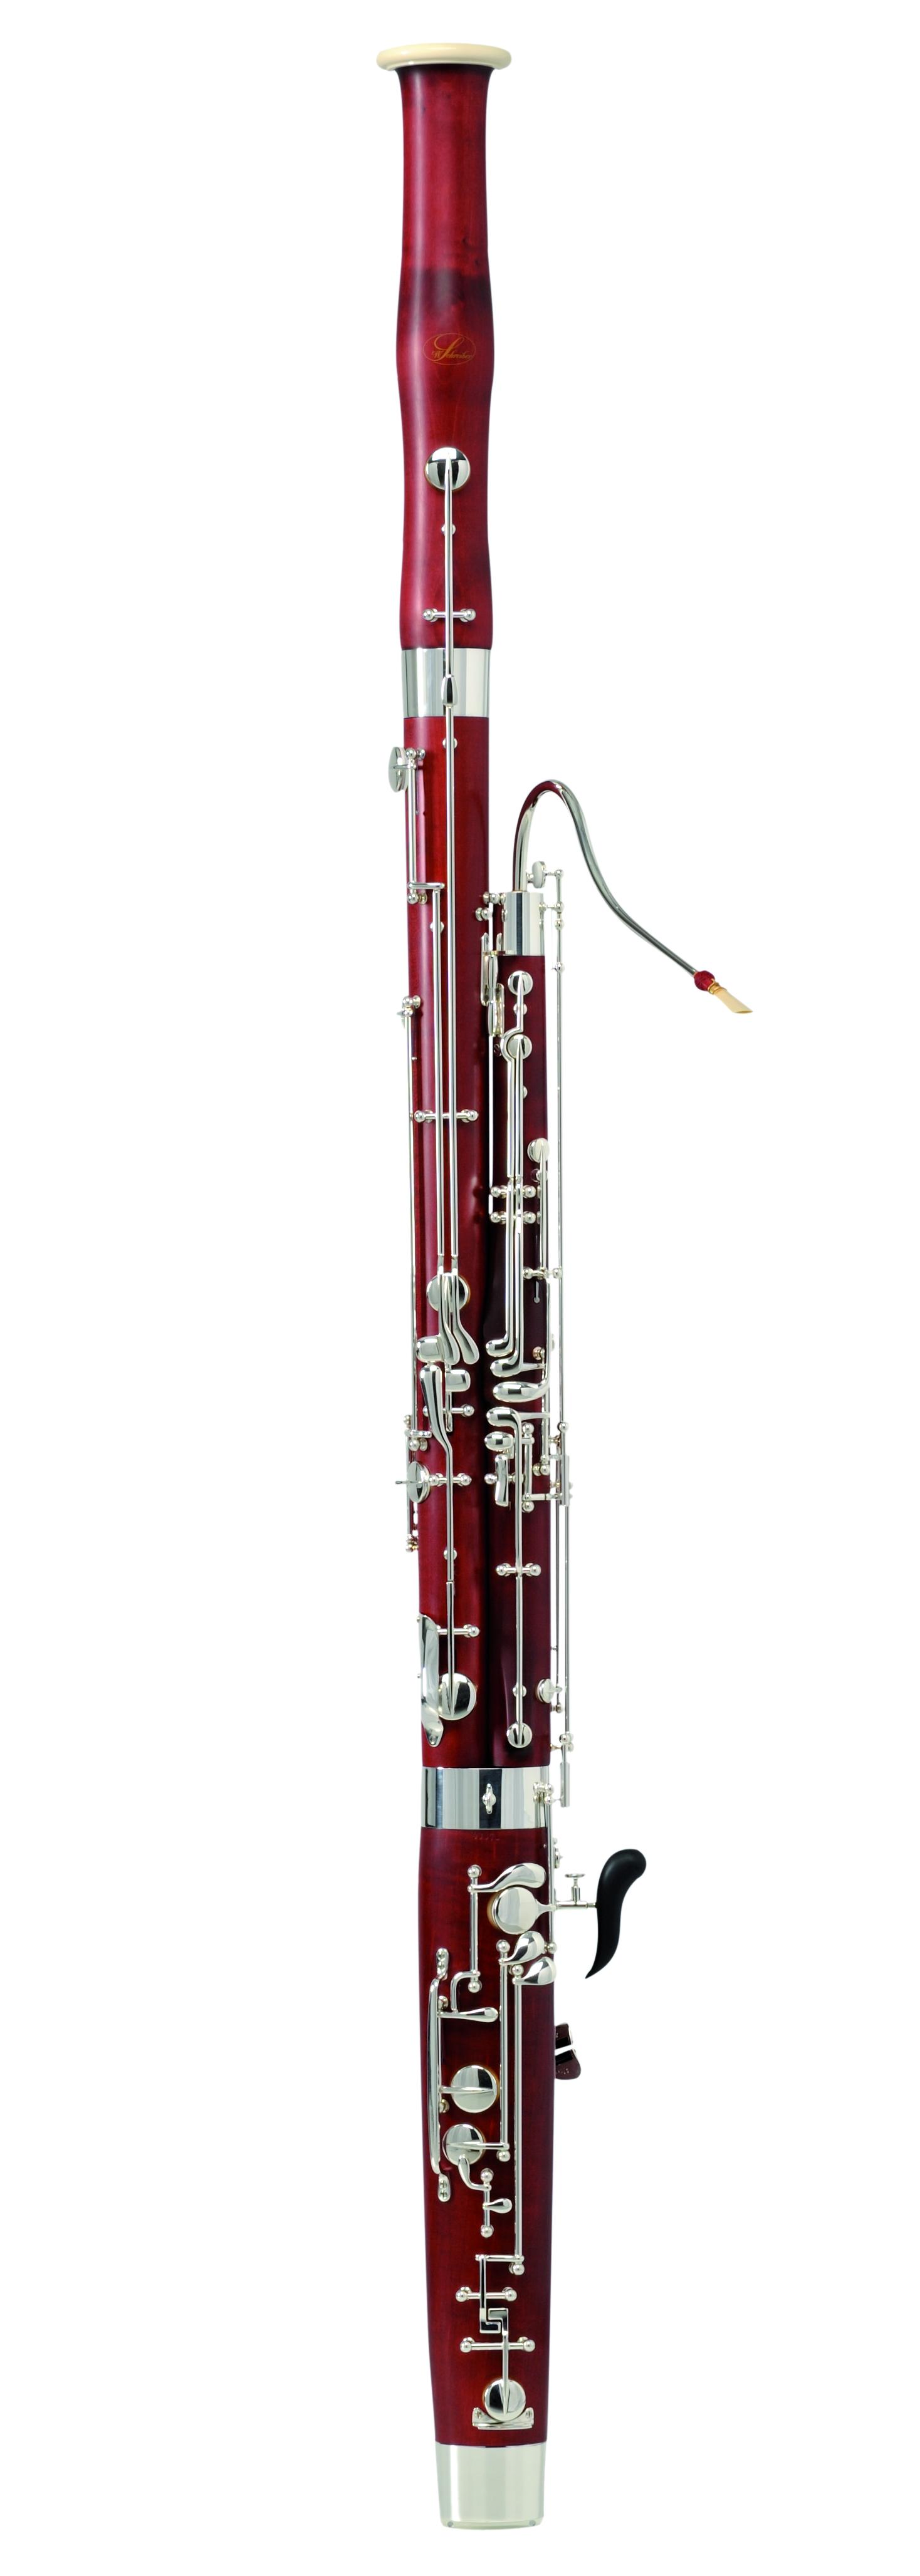 Schreiber - WS5016 - BHHE - 2 - 0 - S16 - Holzblasinstrumente - Fagotte | MUSIK BERTRAM Deutschland Freiburg